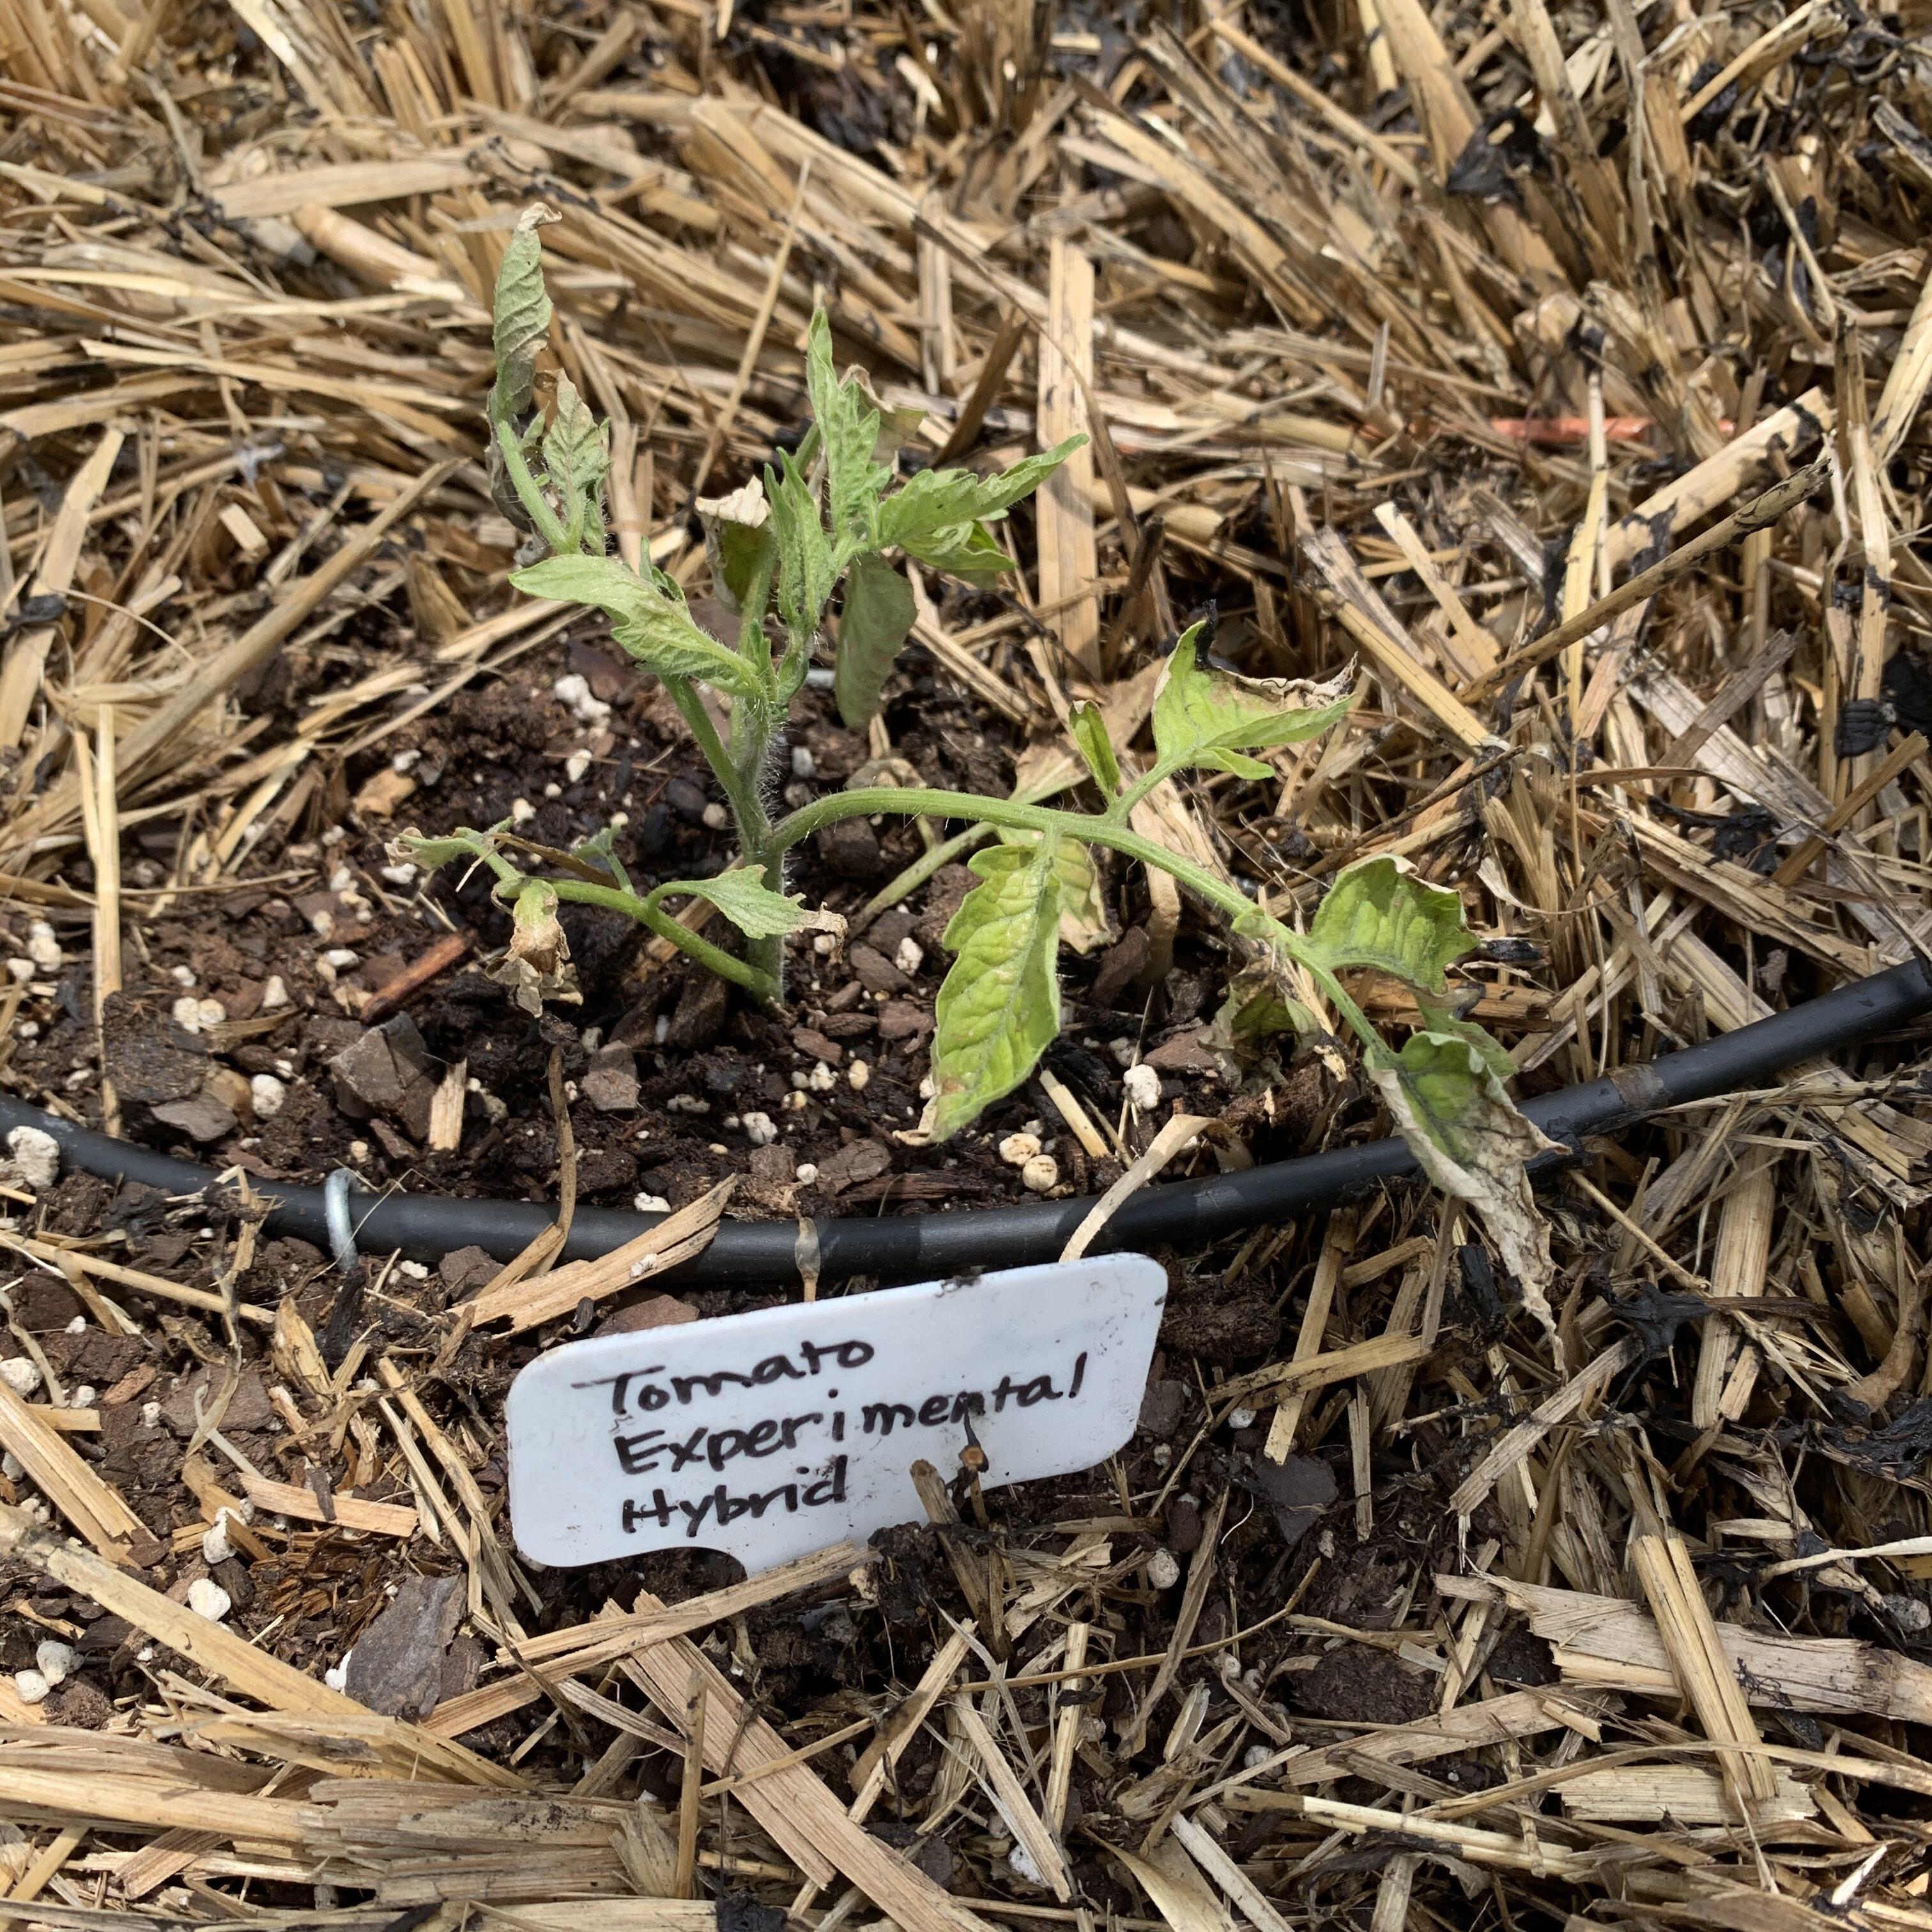 000A1561 4B2B 49E8 B581 C6A44E08EC75 Cucumbers planted!